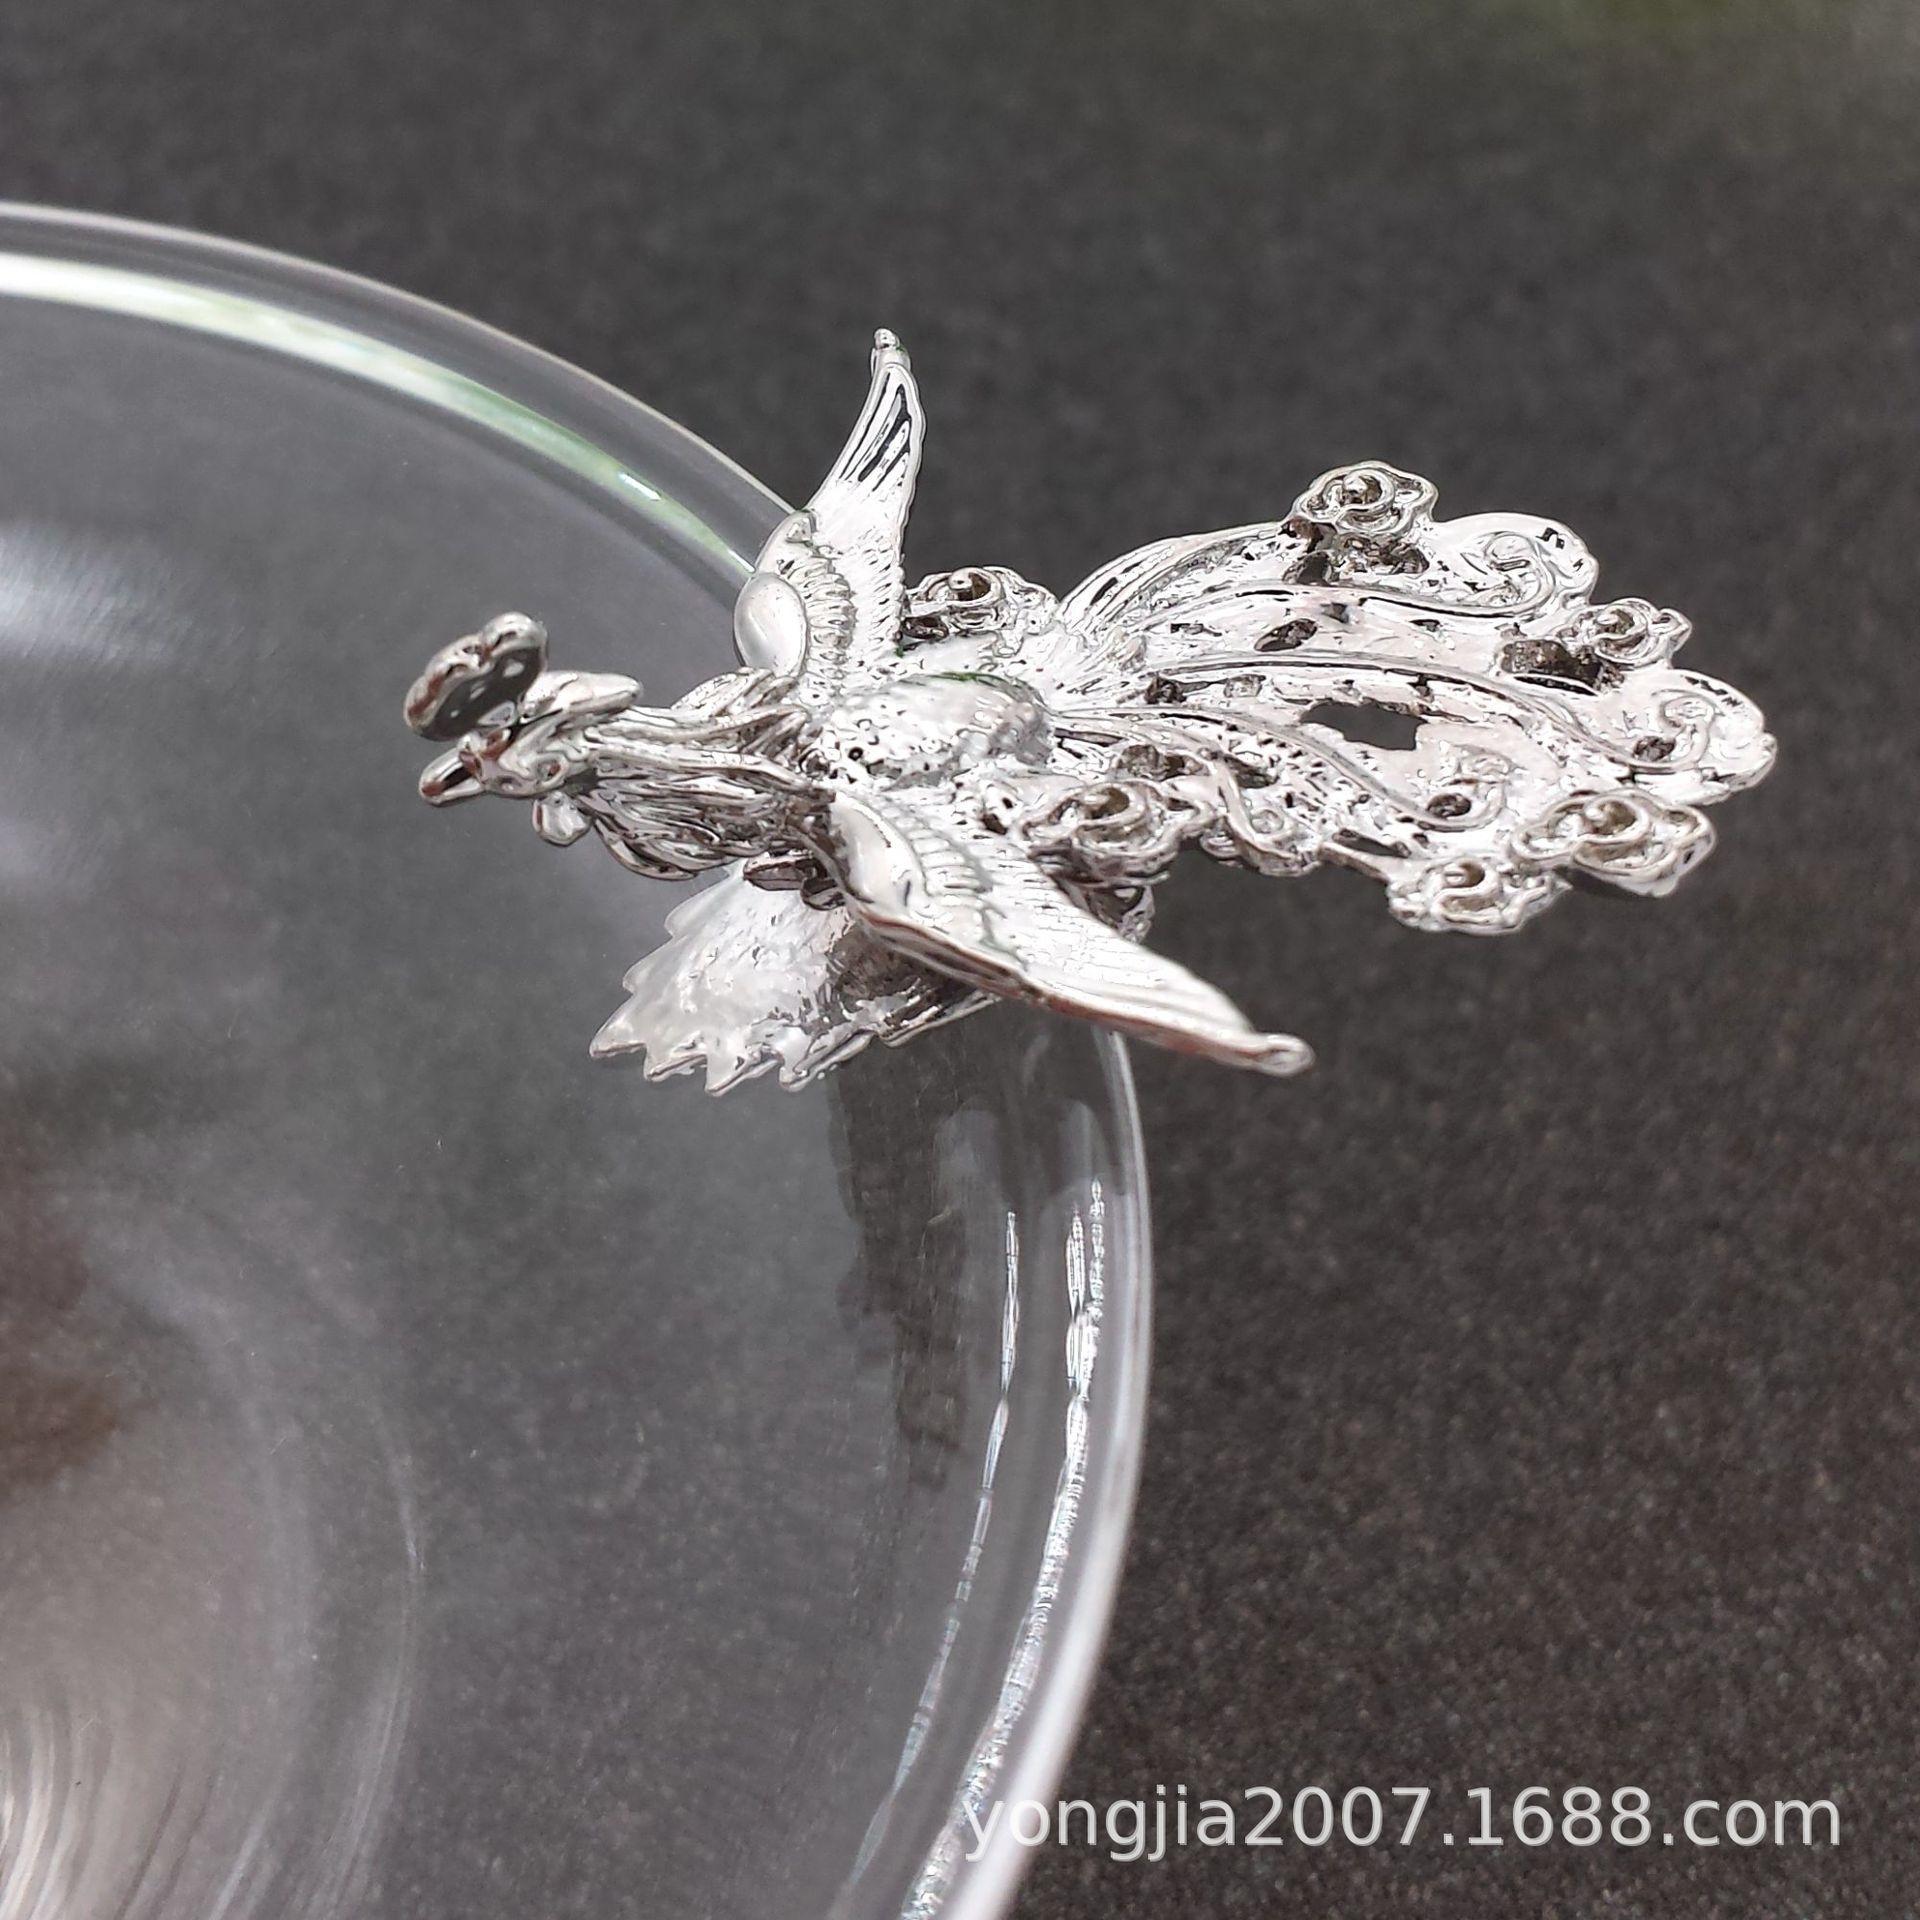 2F8Ft fuga Phoenixdiy personalizado DIY accesorios juego de té kung fu té filtro accesorios Phoenix